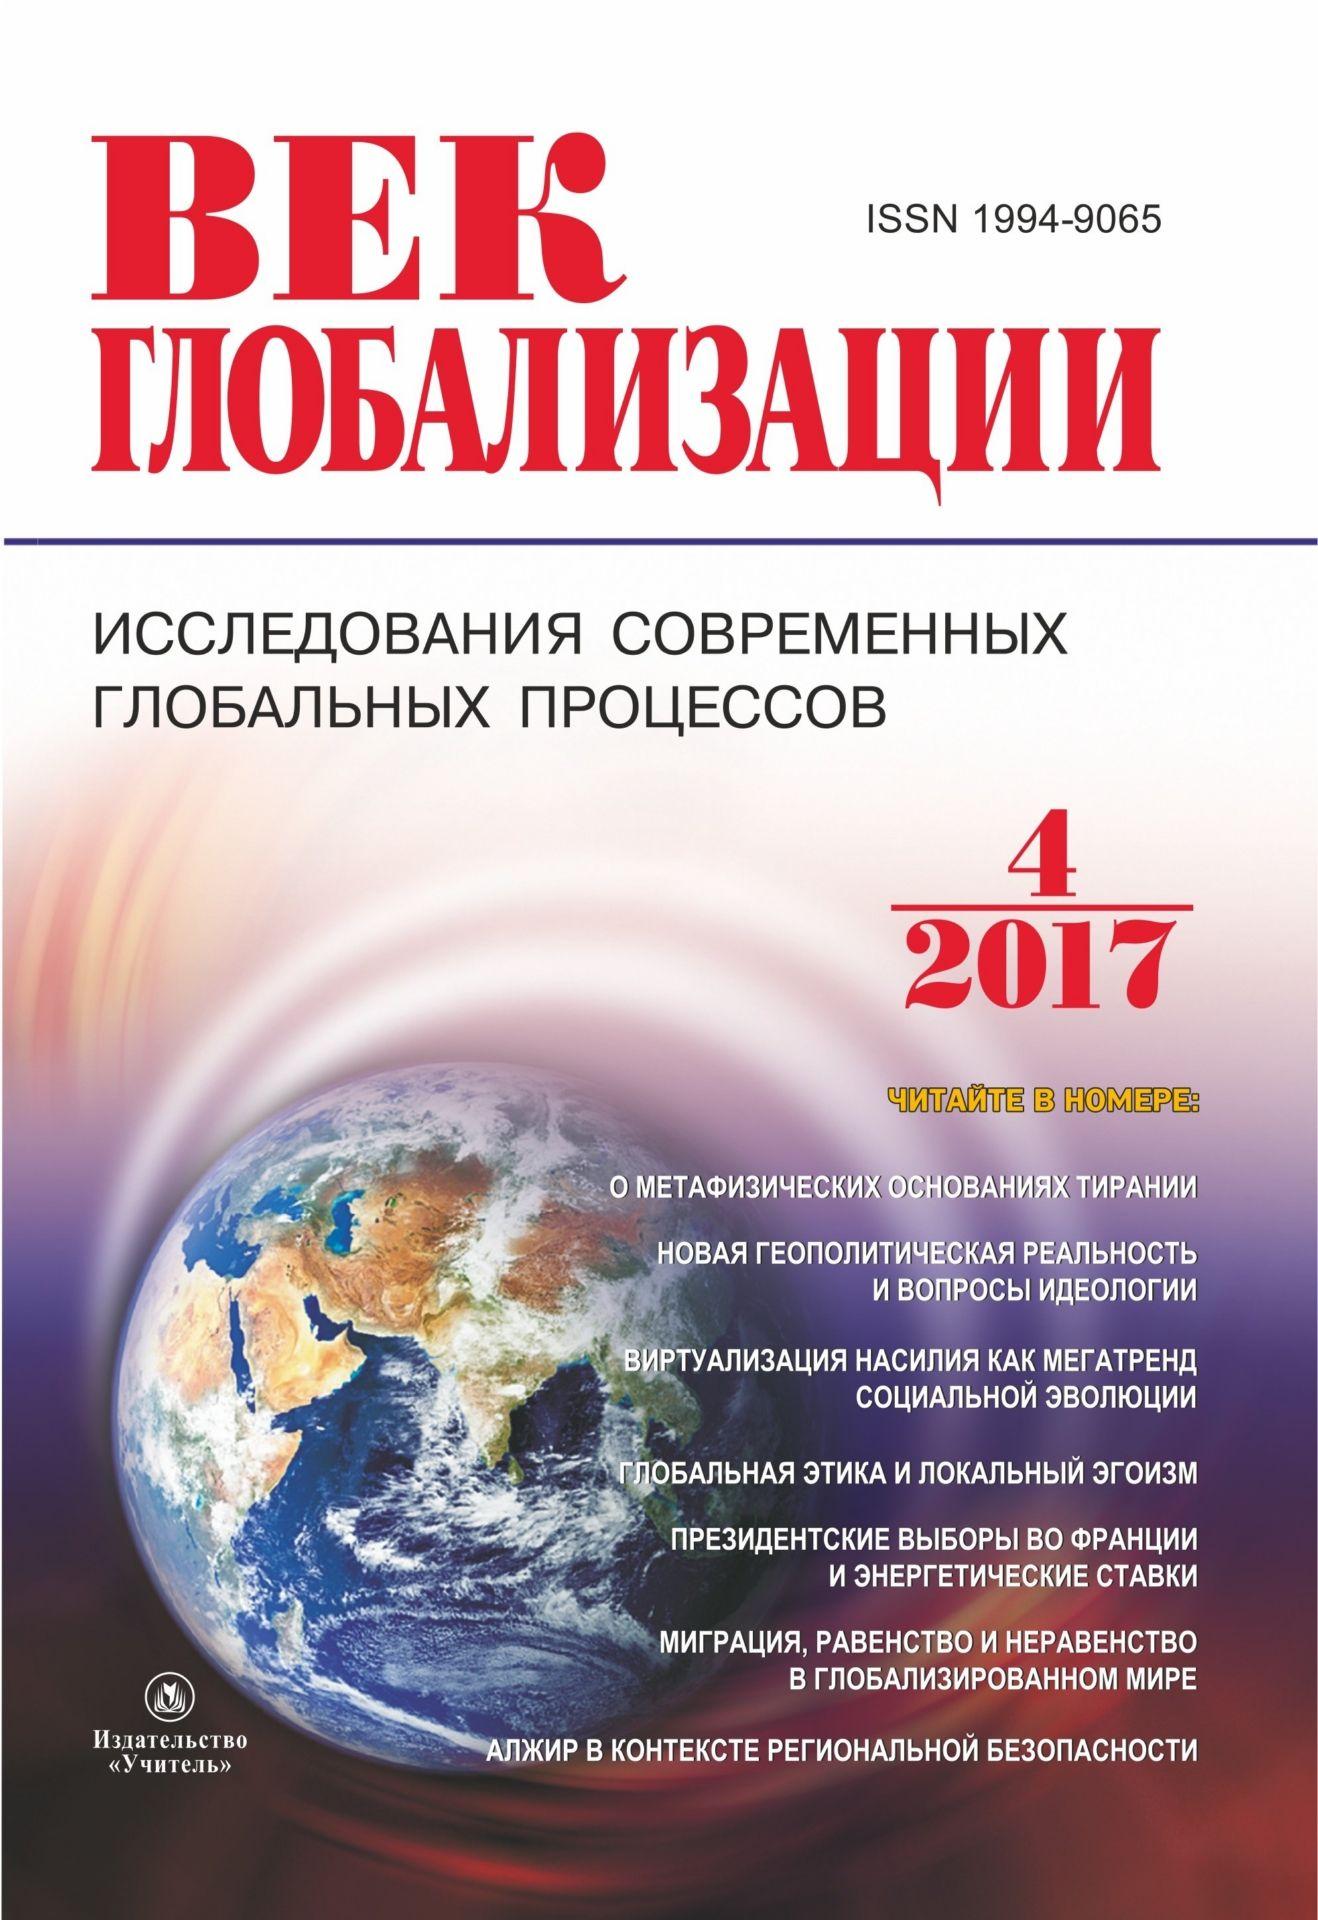 """Купить со скидкой Журнал """"Век глобализации"""" № 4 2017"""